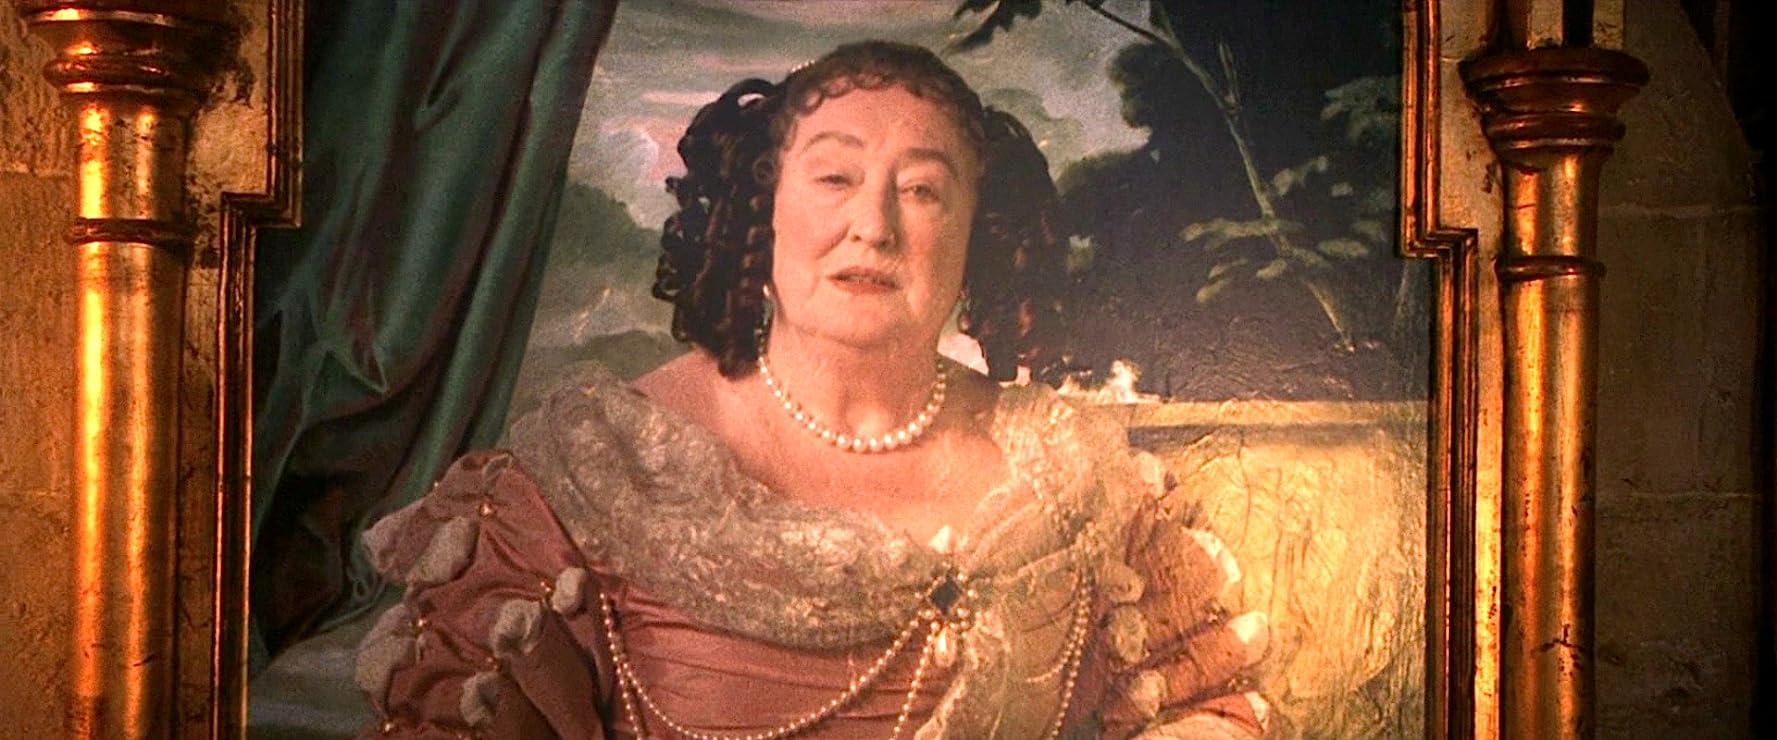 Elizabeth Spriggs as the Fat Lady